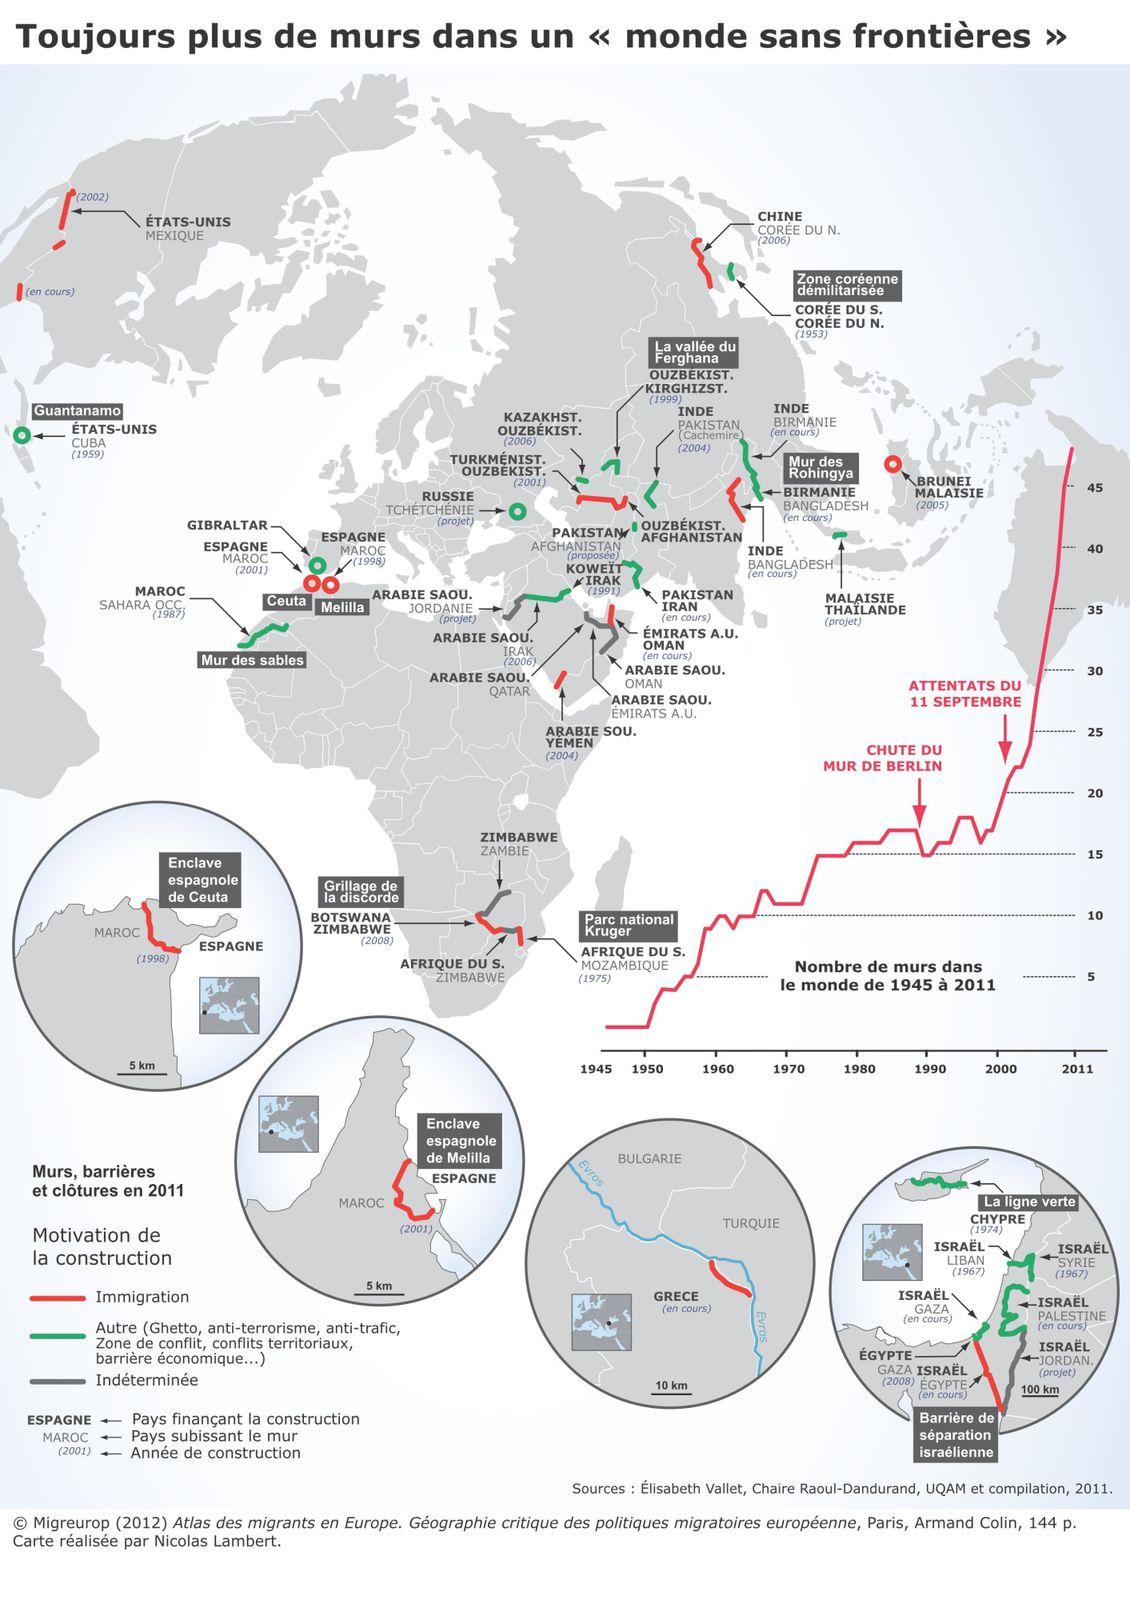 Toujours plus de murs dans un monde sans frontières Map_4_5_murs_typologie_v3_Internet_01